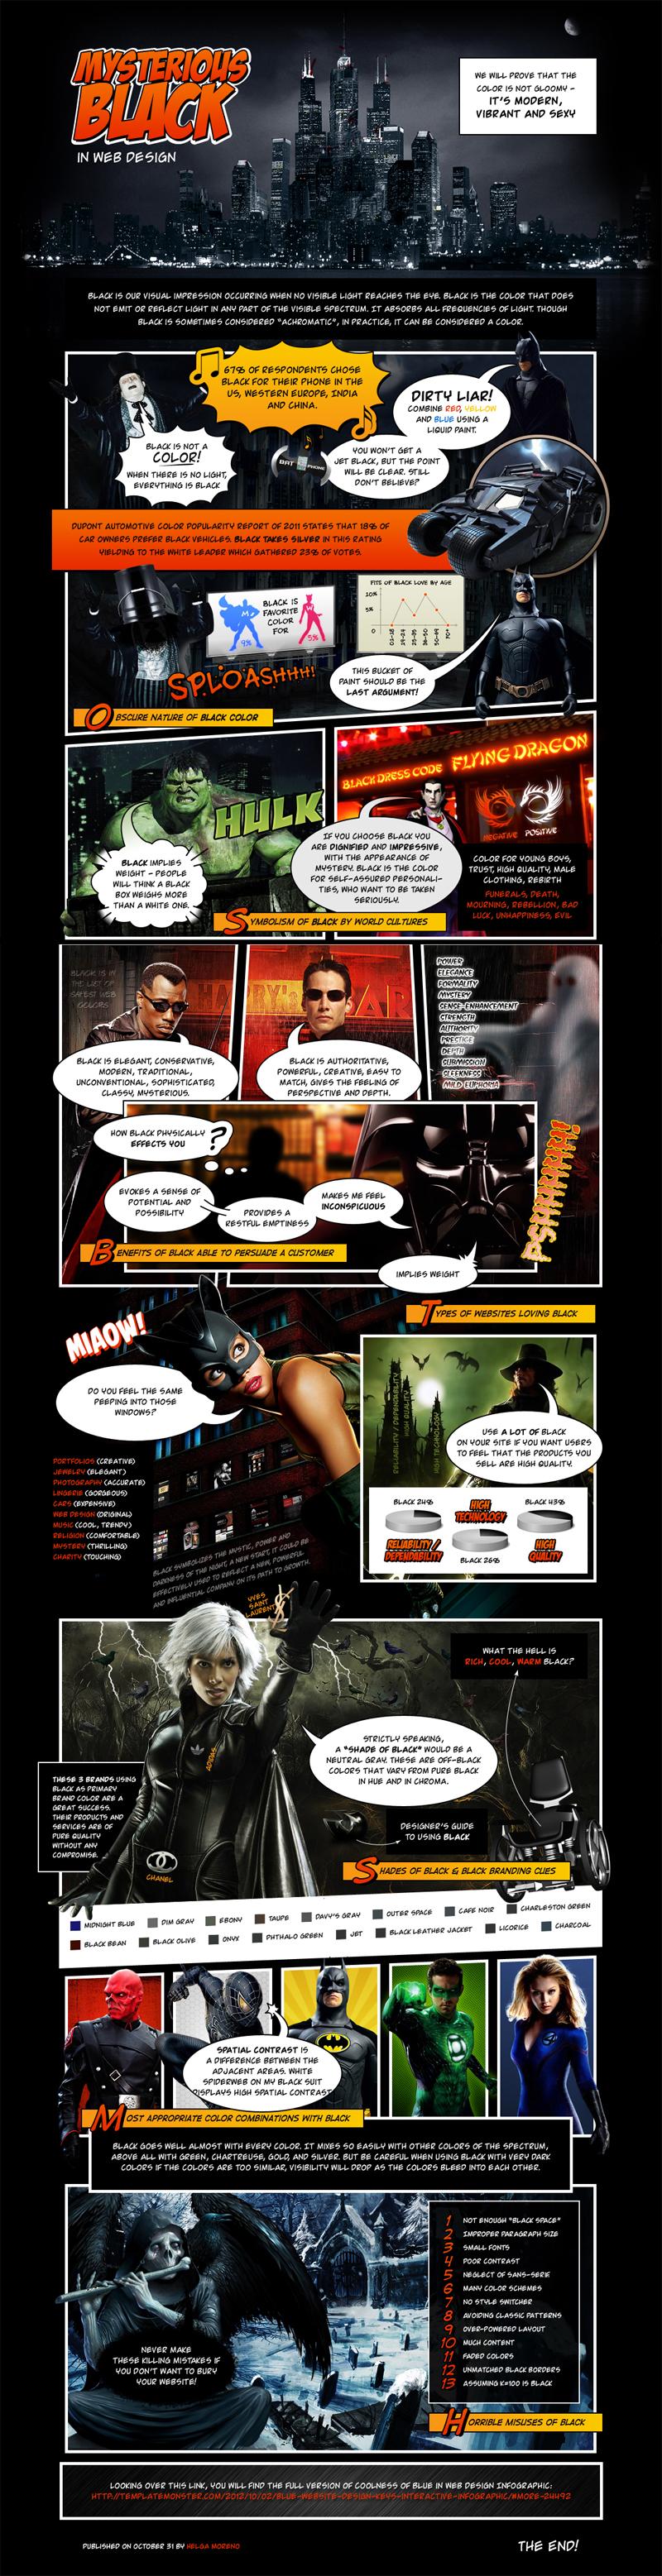 il nero nel web design - infografica